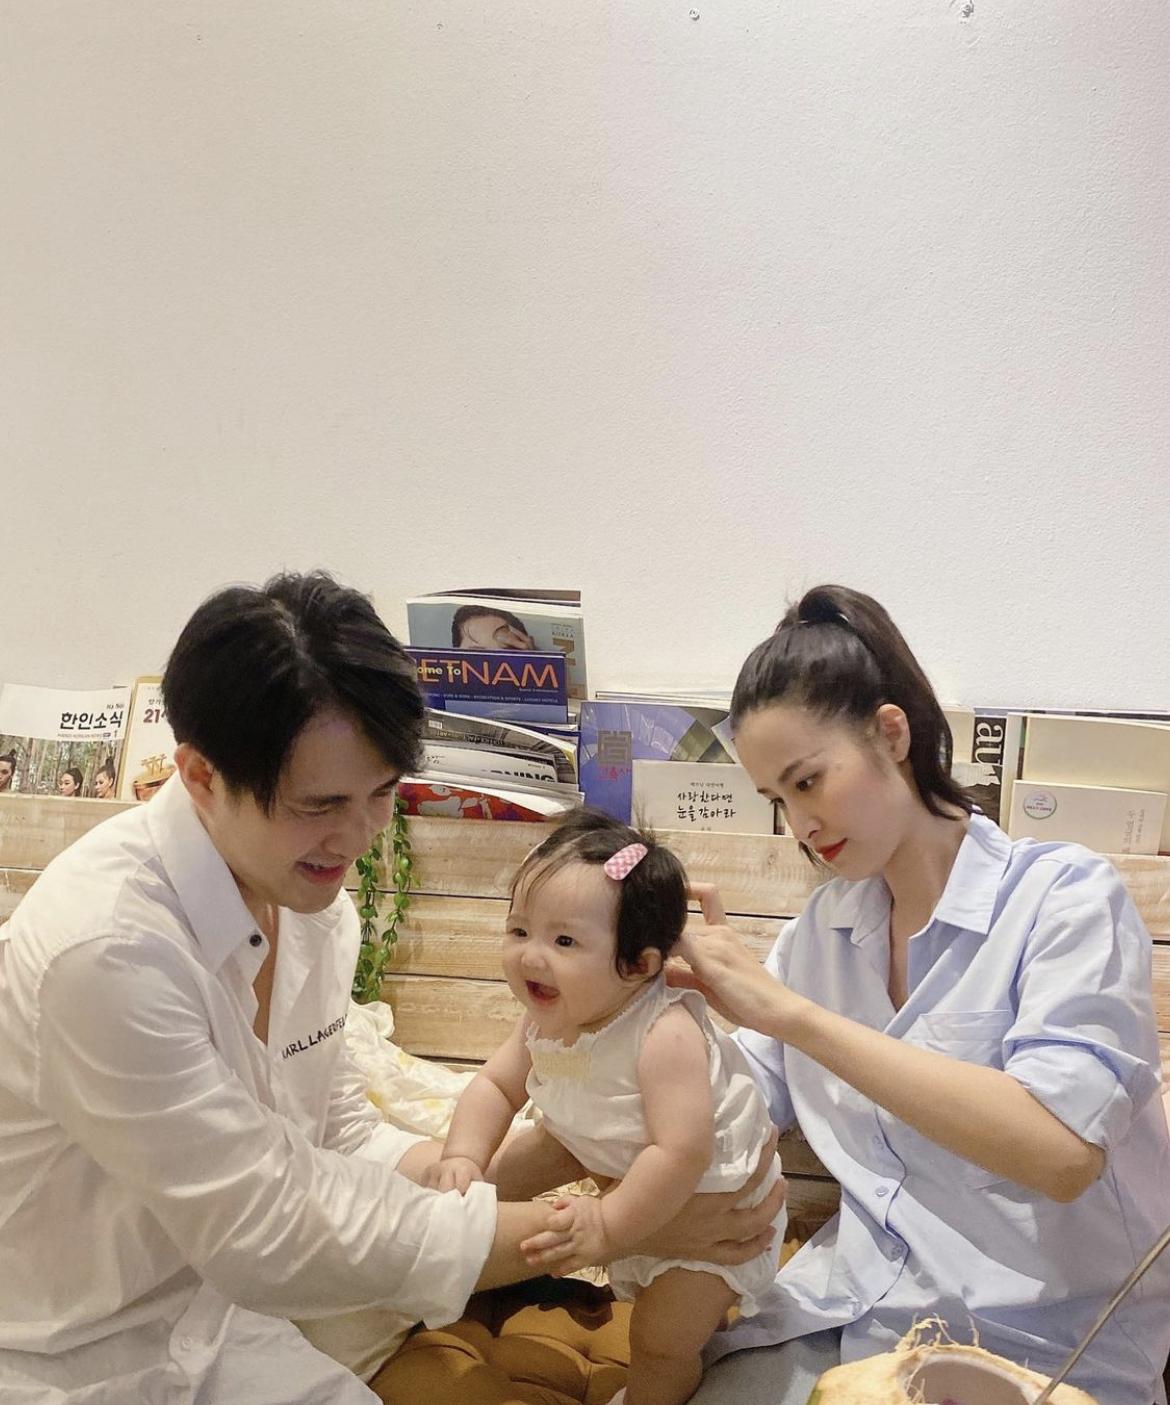 """Đông Nhi và Ông Cao Thắng mải miết chăm con, Winnie biểu cảm """"thánh meme"""" giật trọn spotlight cặp bố mẹ quyền lực - Ảnh 3"""